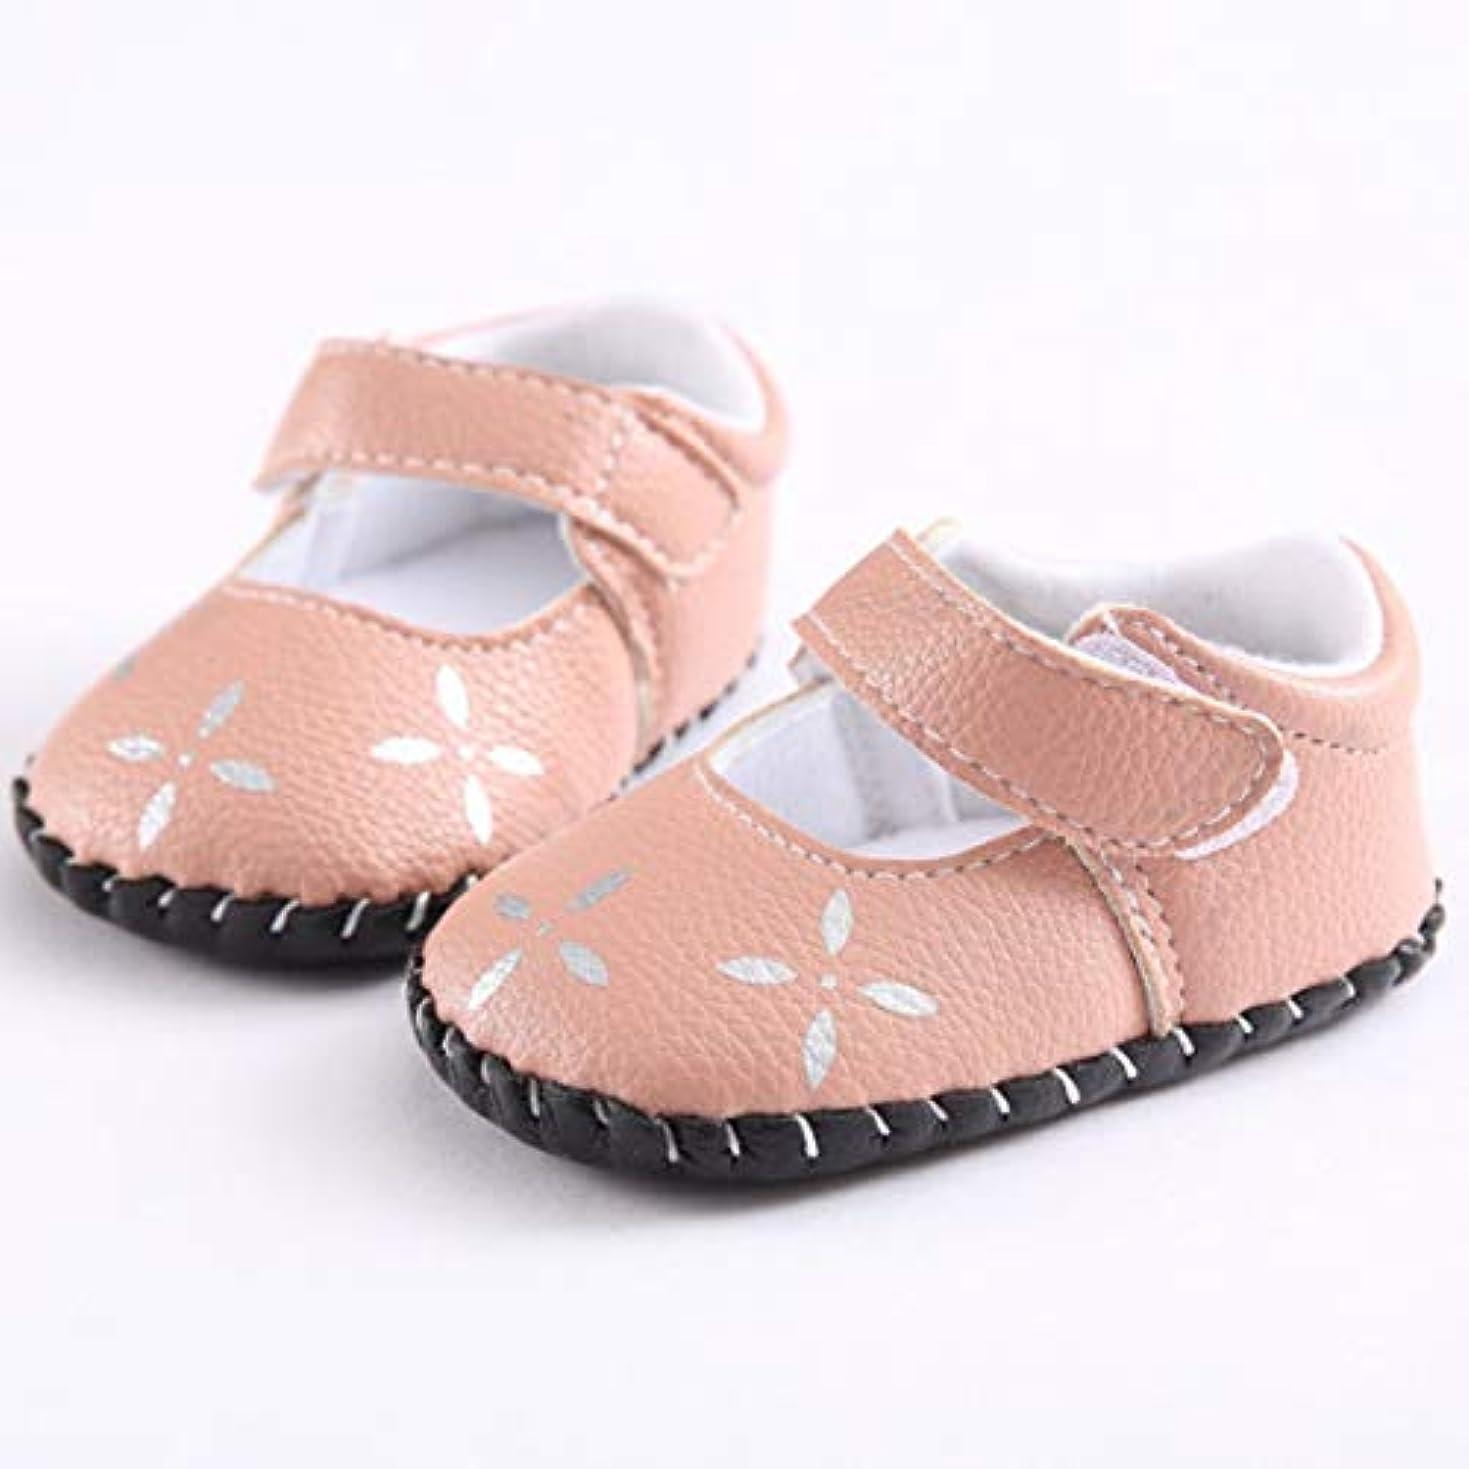 慣習禁止眉女の子ソフトボトム絶妙なファッション耐久性のあるピンクの人工Puレザーかわいいクロスフラワーペースト幼児の靴-ピンク-12cm